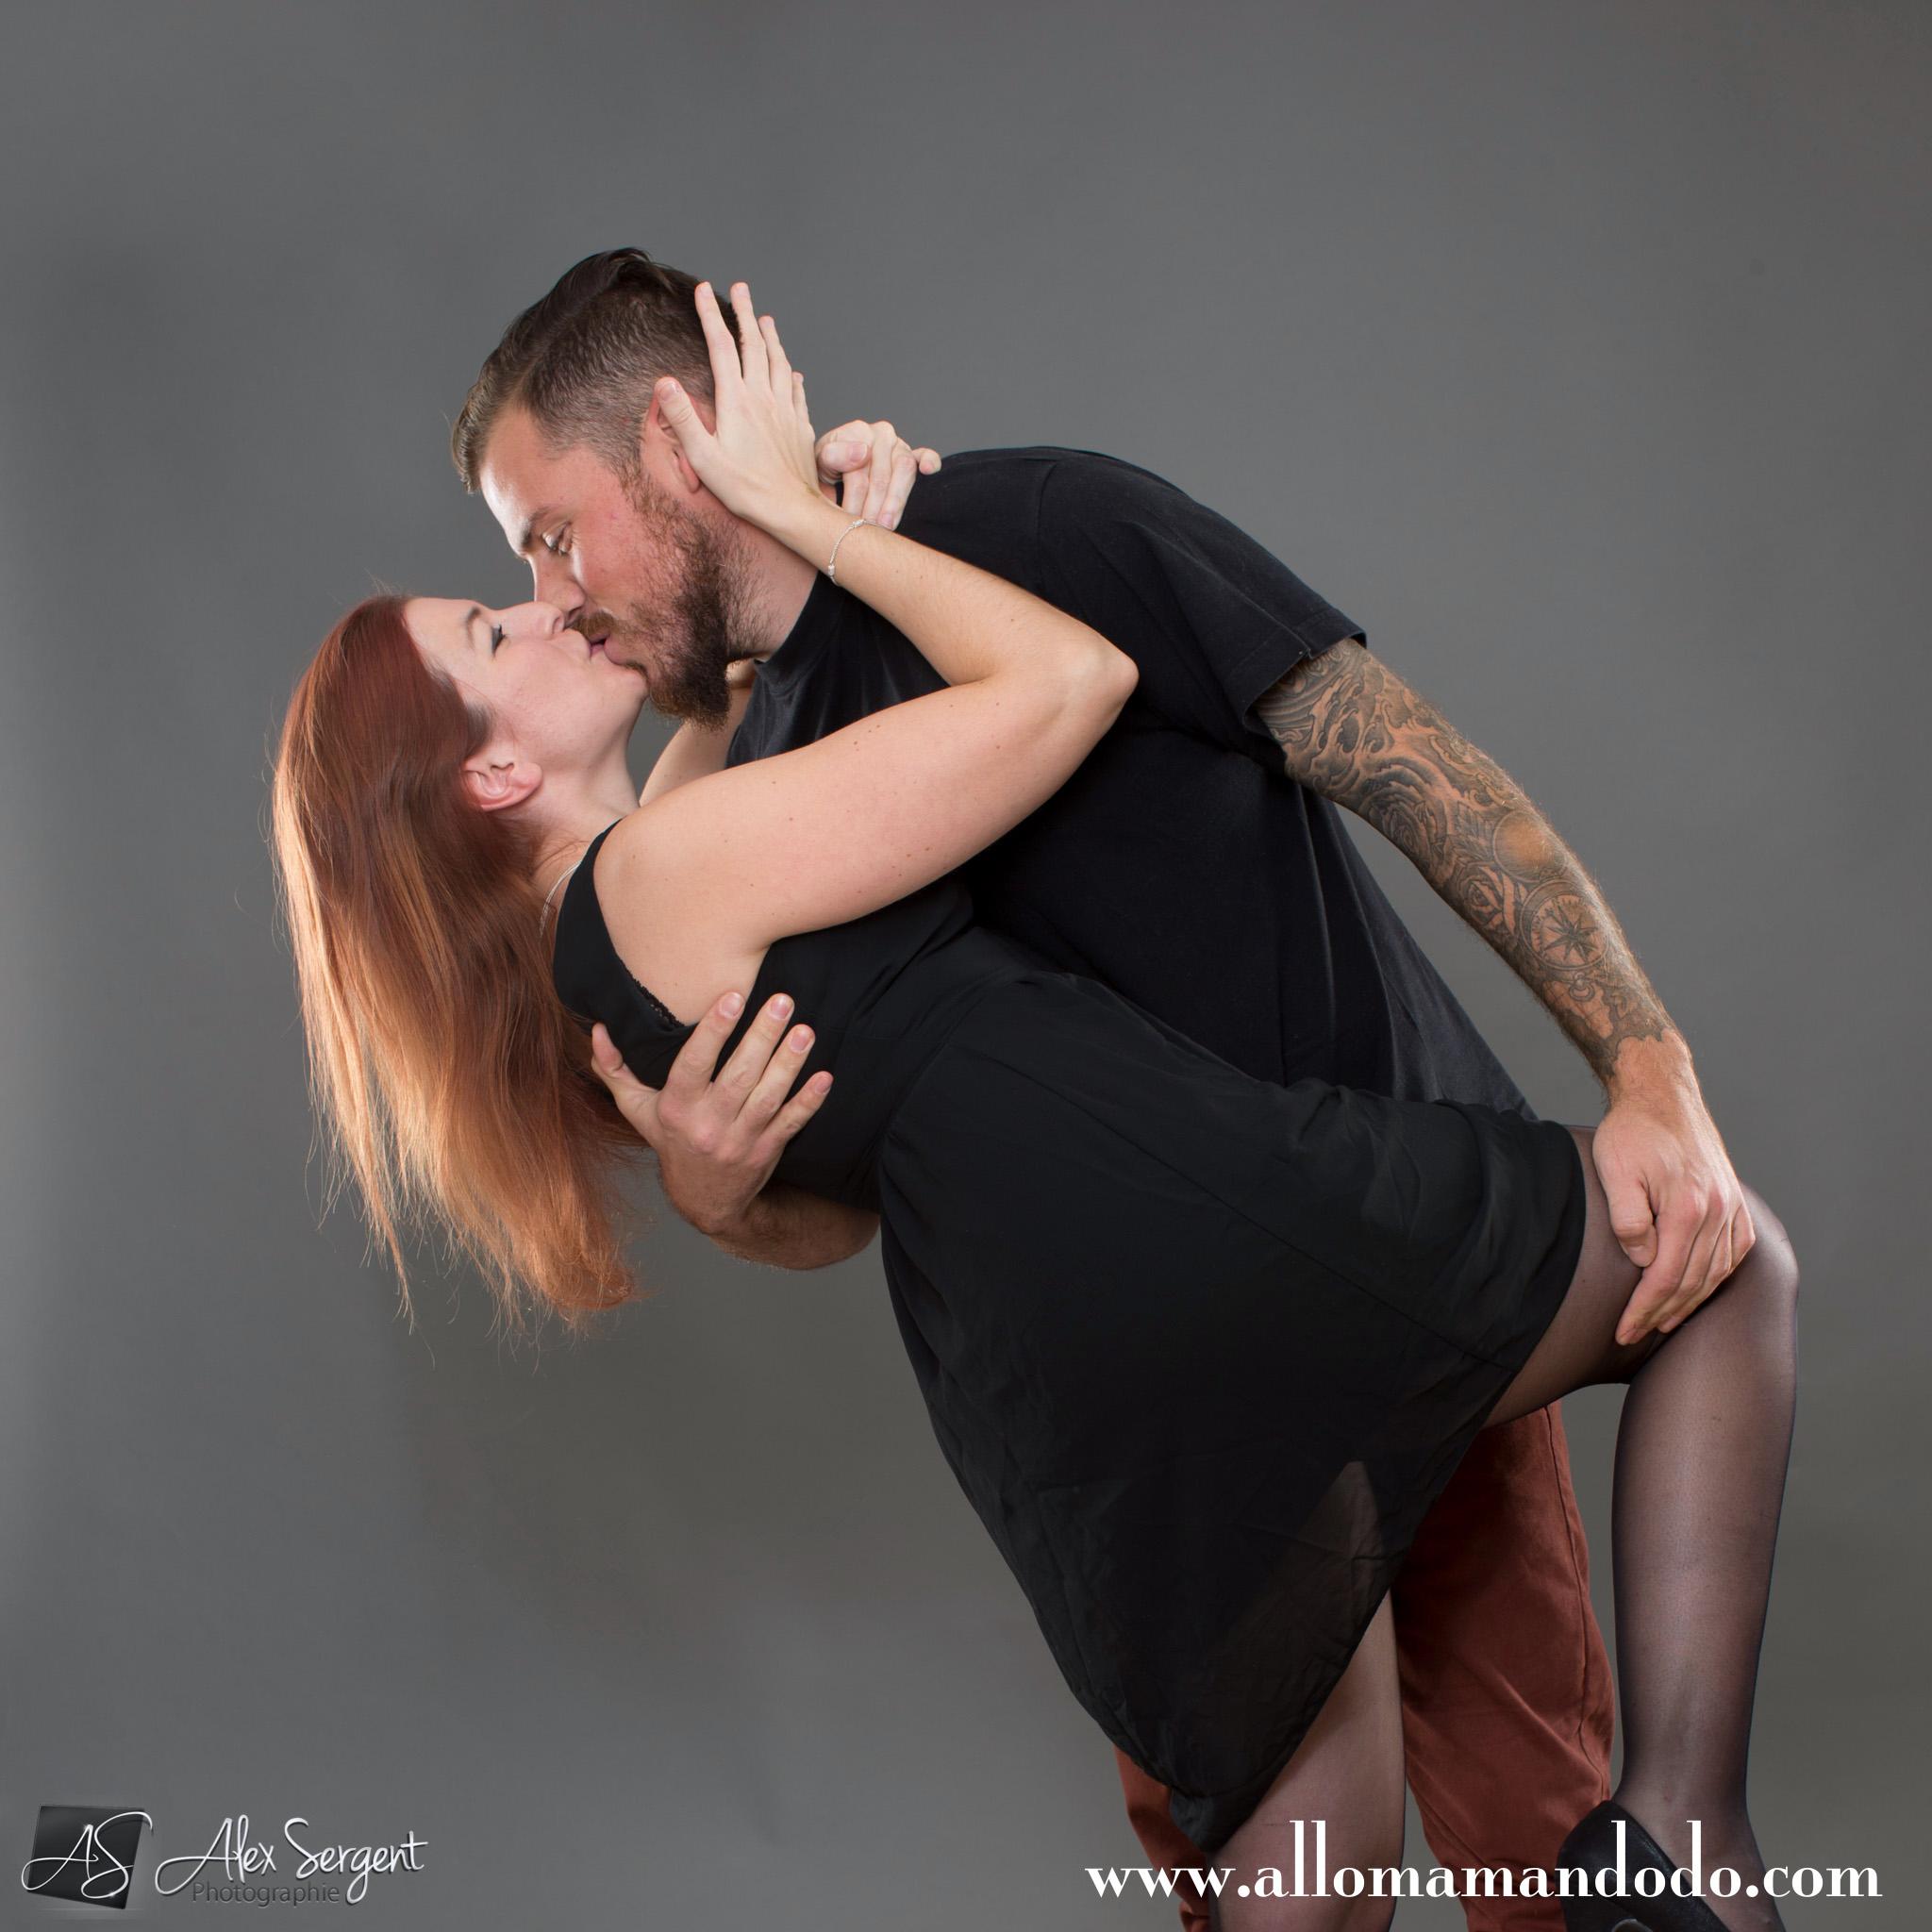 shooting-box-allomamandodo-couple